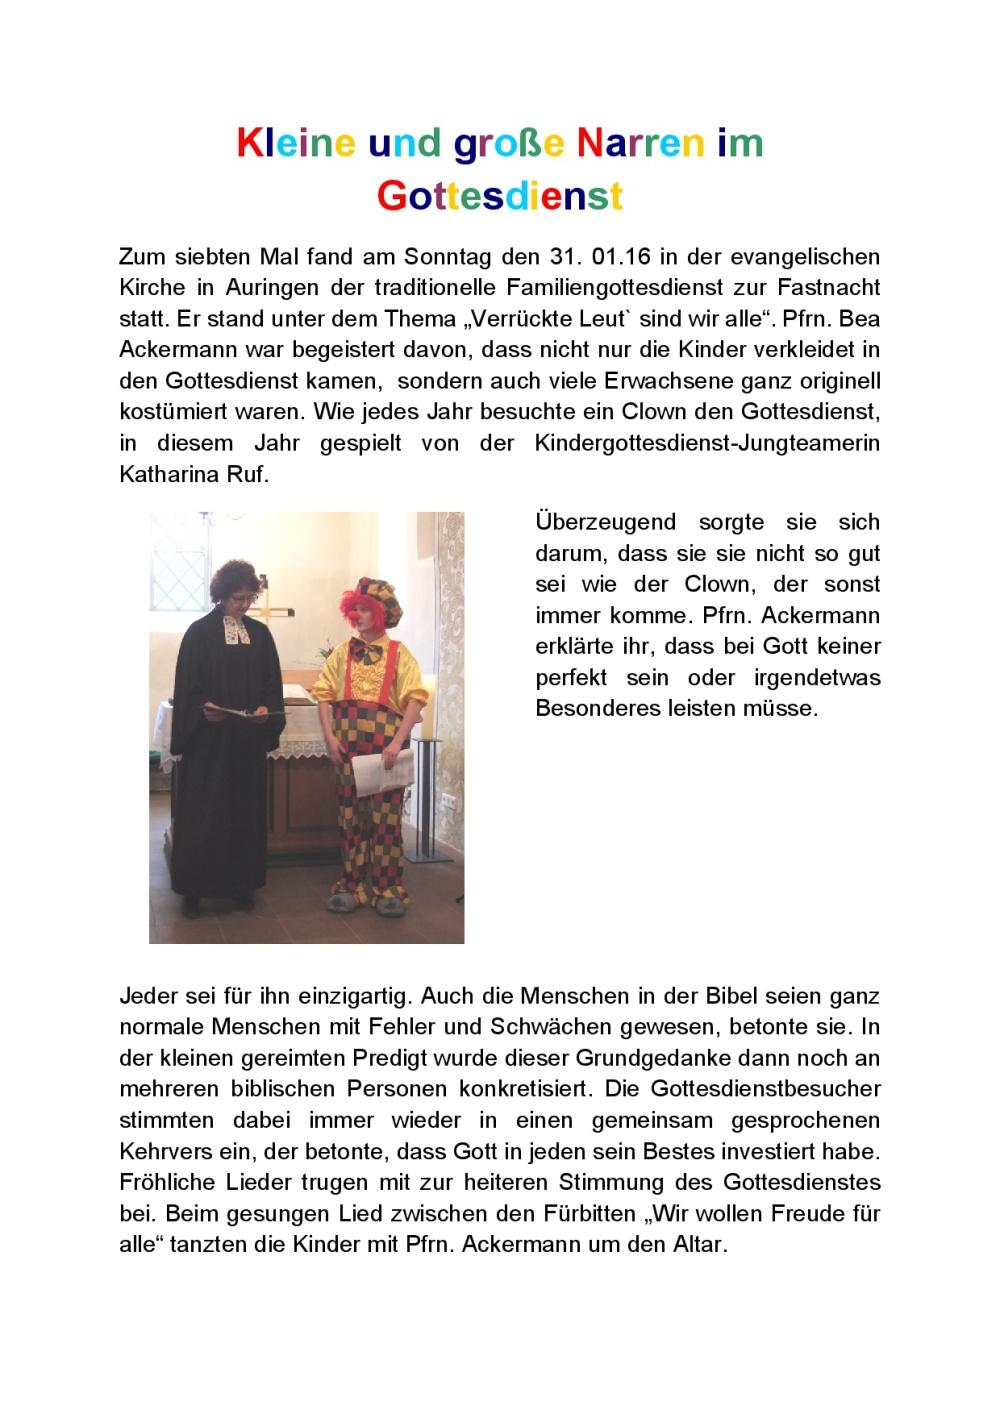 2016-01-31-familiengodi-zur-fastnacht-001